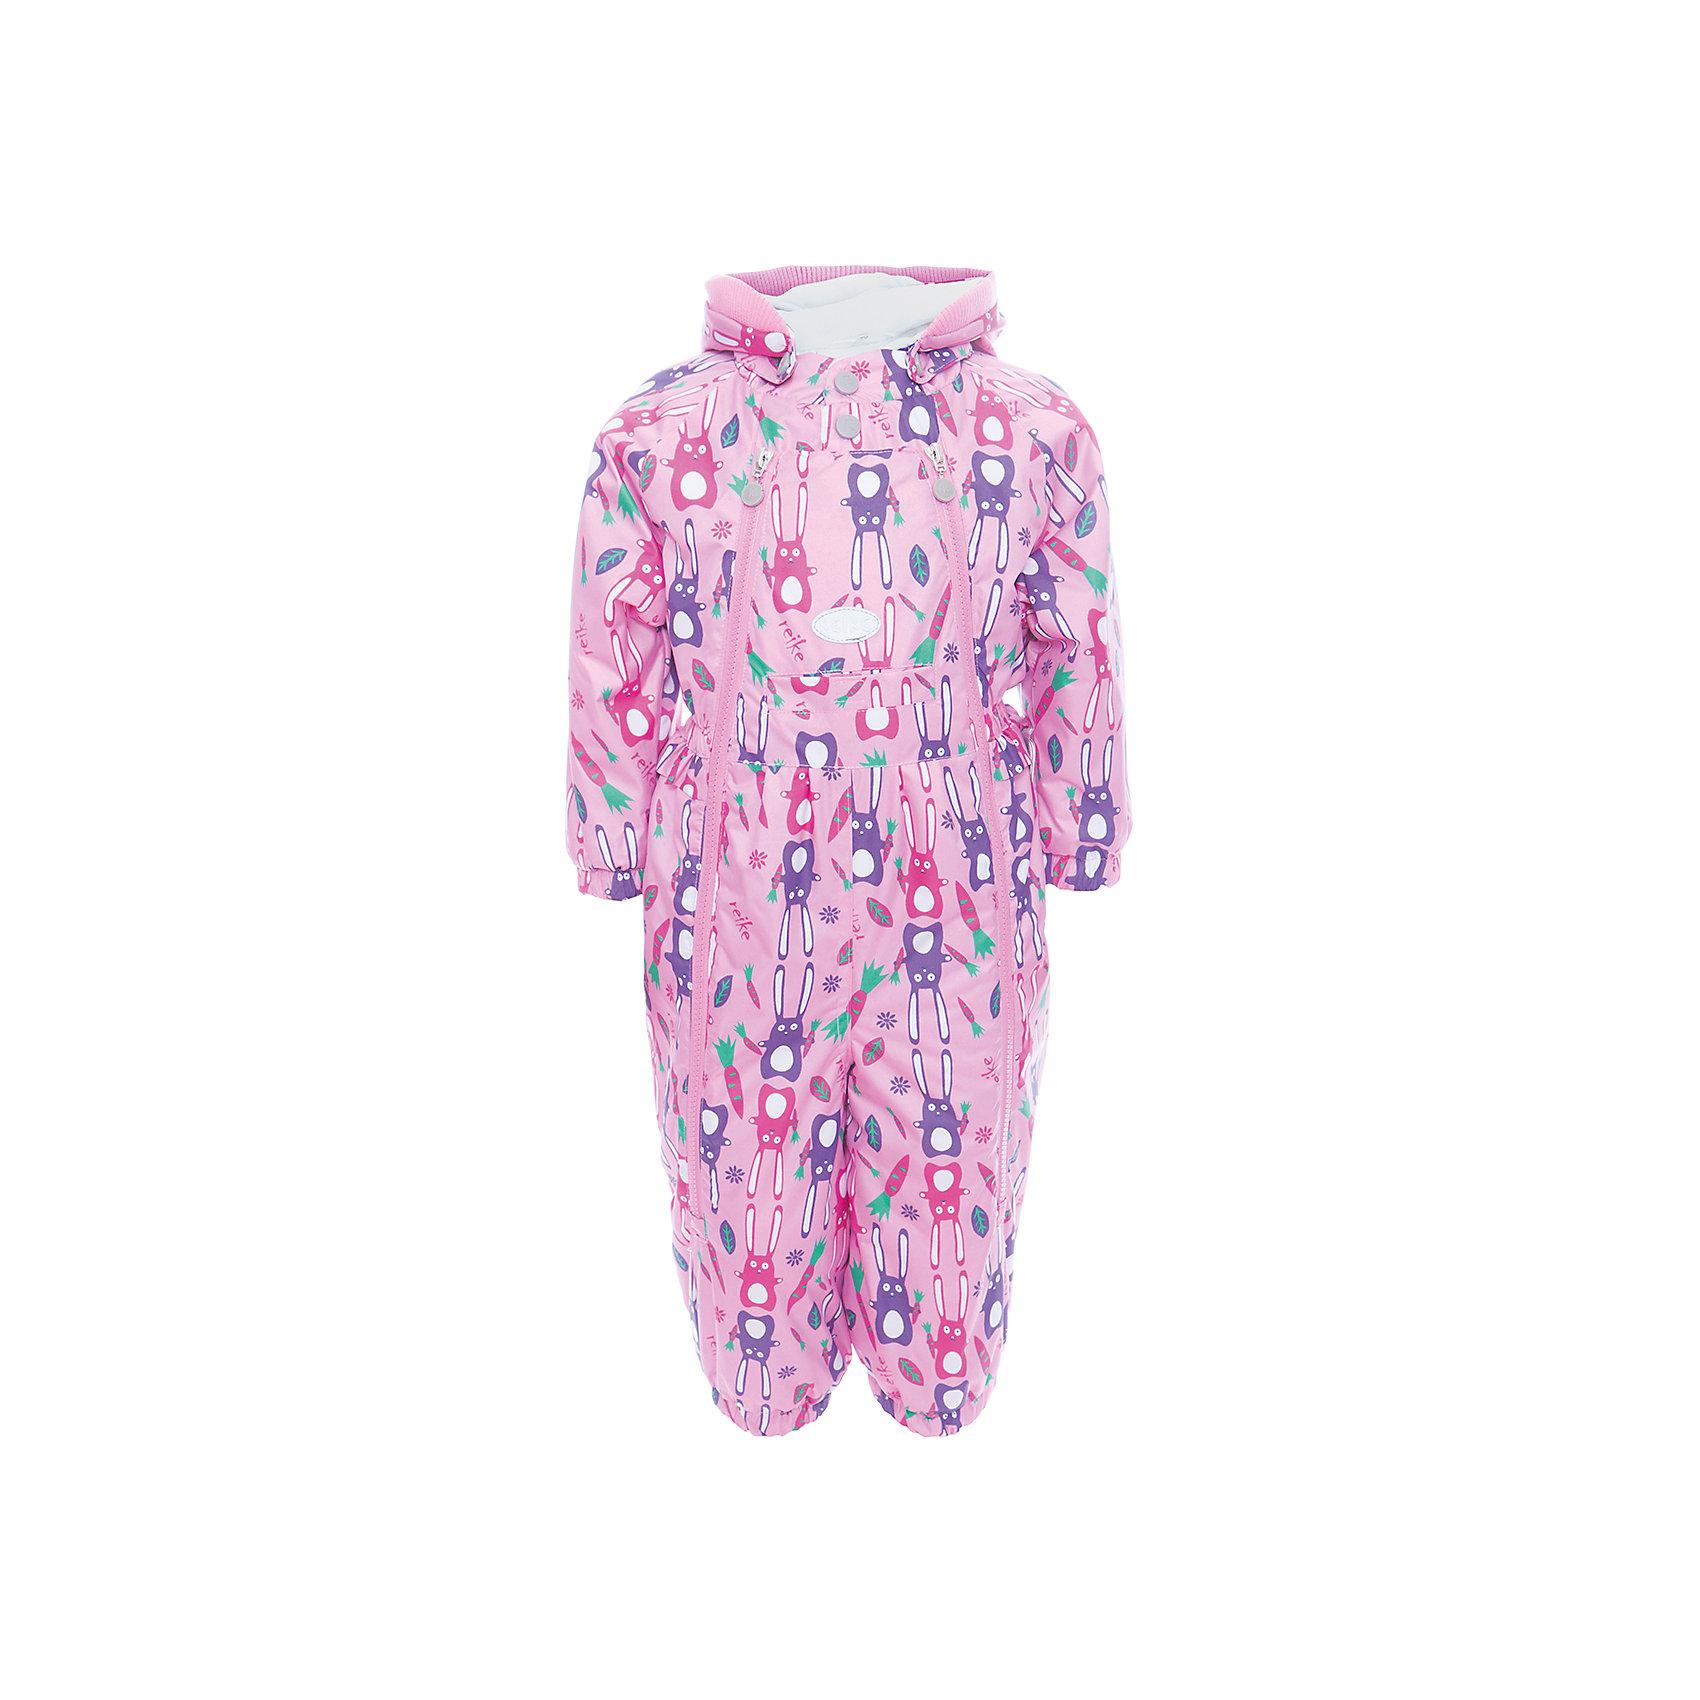 Комбинезон Reike для девочкиВерхняя одежда<br>Характеристики товара:<br><br>• цвет: розовый<br>• состав: 100% полиэстер<br>• подкладка - 100% хлопок, велюровые вставки на спинке, воротнике, капюшоне и рукавах<br>• утеплитель: 100% полиэстер, 60 г<br>• температурный режим: от 0° С до +10° С<br>• из ветрозащитного, водонепроницаемого материала<br>• мембранная технология позволяет телу дышать<br>• воздухопроницаемость: 2000гр/м2/24 ч<br>• водоотталкивающее покрытие: 2000 мм<br>• застежка: двойная молния<br>• светоотражающие детали<br>• съёмный капюшон на кнопках оформлен трикотажной резинкой<br>• удобные карманы<br>• съемные штрипки<br>• эластичные манжеты <br>• страна бренда: Финляндия<br><br>Демисезонная одежда может быть очень красивой и удобной! Новая коллекция от известного финского производителя Reike отличается ярким дизайном, продуманностью и комфортом! Эта модель разработана специально для детей - она учитывает особенности их физиологии, а также новые тенденции в европейской моде. Стильная и удобная вещь!<br><br>Комбинезон для мальчика от популярного бренда Reike можно купить в нашем интернет-магазине.<br><br>Ширина мм: 356<br>Глубина мм: 10<br>Высота мм: 245<br>Вес г: 519<br>Цвет: розовый<br>Возраст от месяцев: 12<br>Возраст до месяцев: 18<br>Пол: Женский<br>Возраст: Детский<br>Размер: 86,68,74,80<br>SKU: 5429929